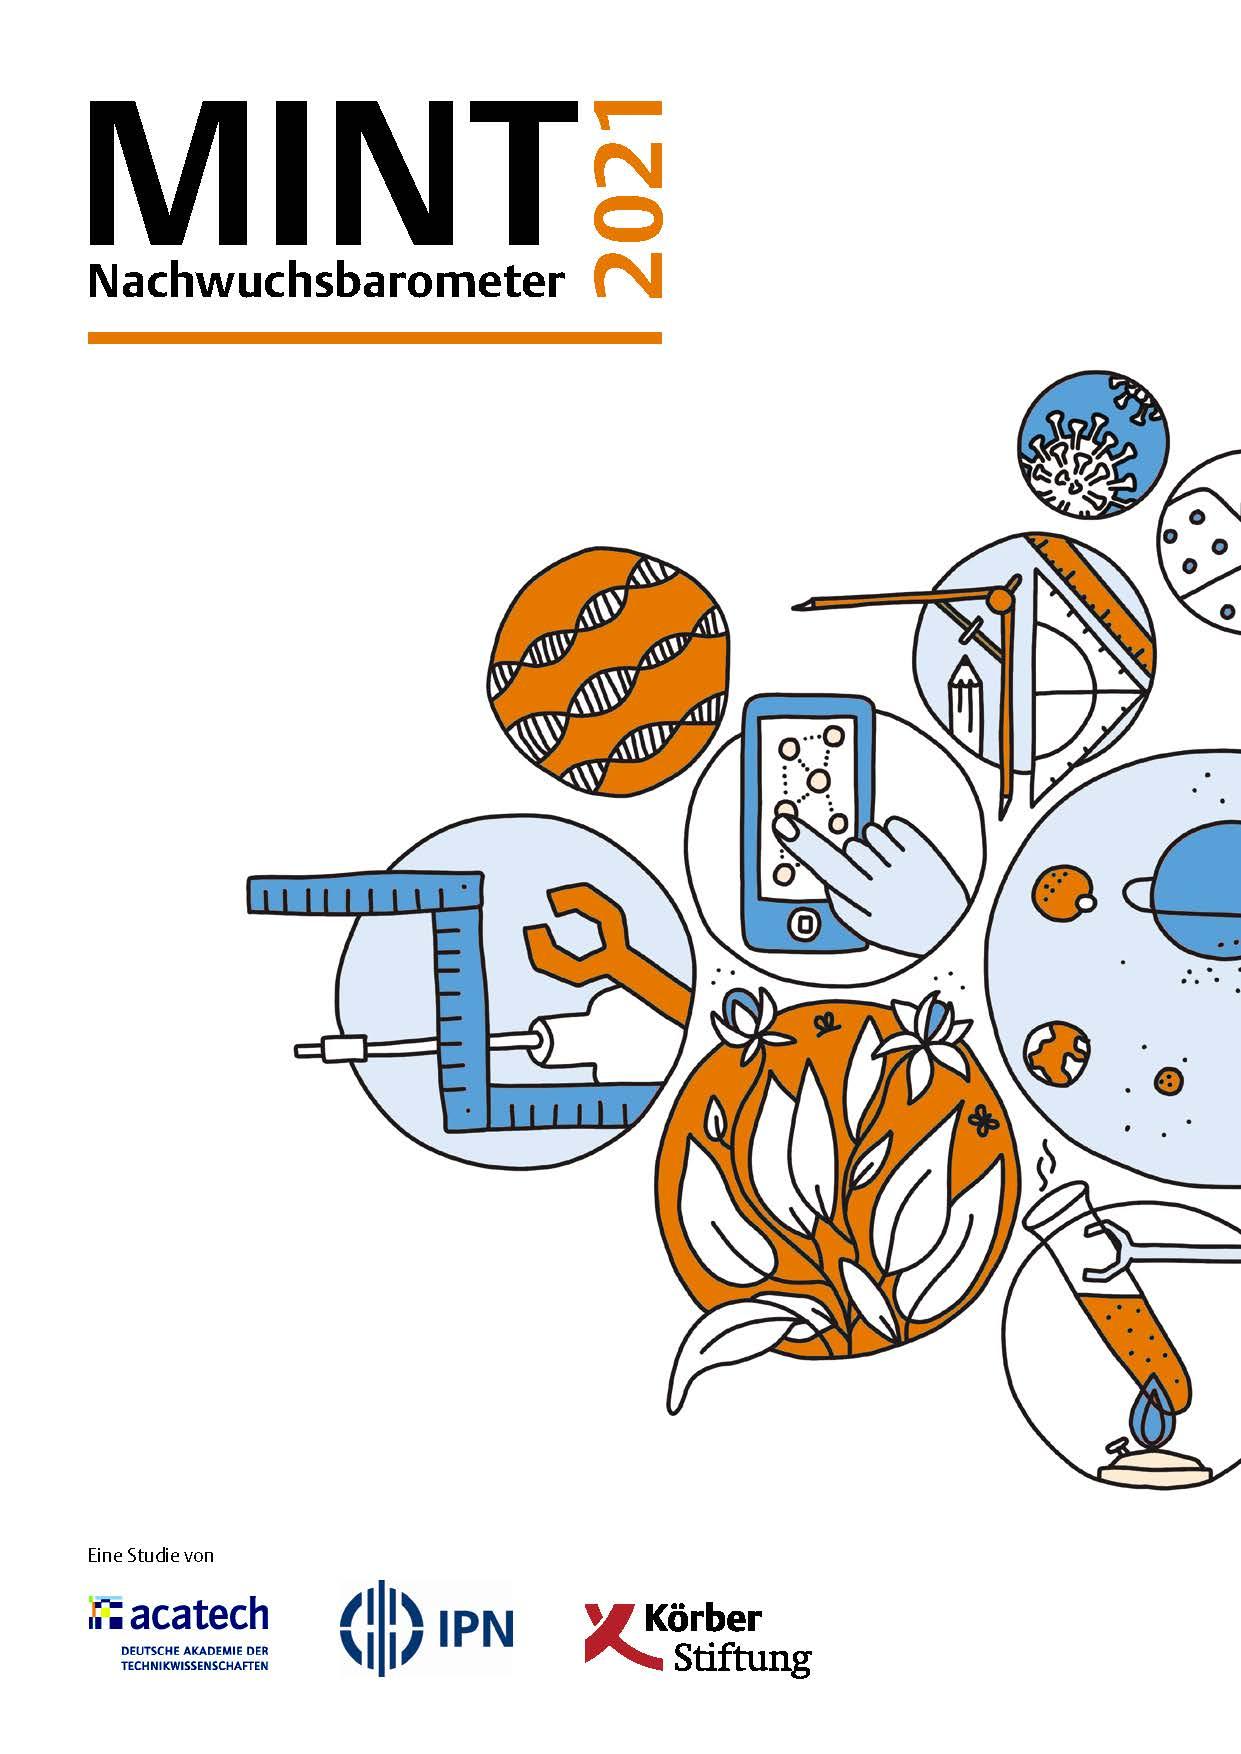 Mit Klick auf dieses Logo des Nachwuchsbarometer 2020 gelangen Sie zum zugehörigen Beitrag.